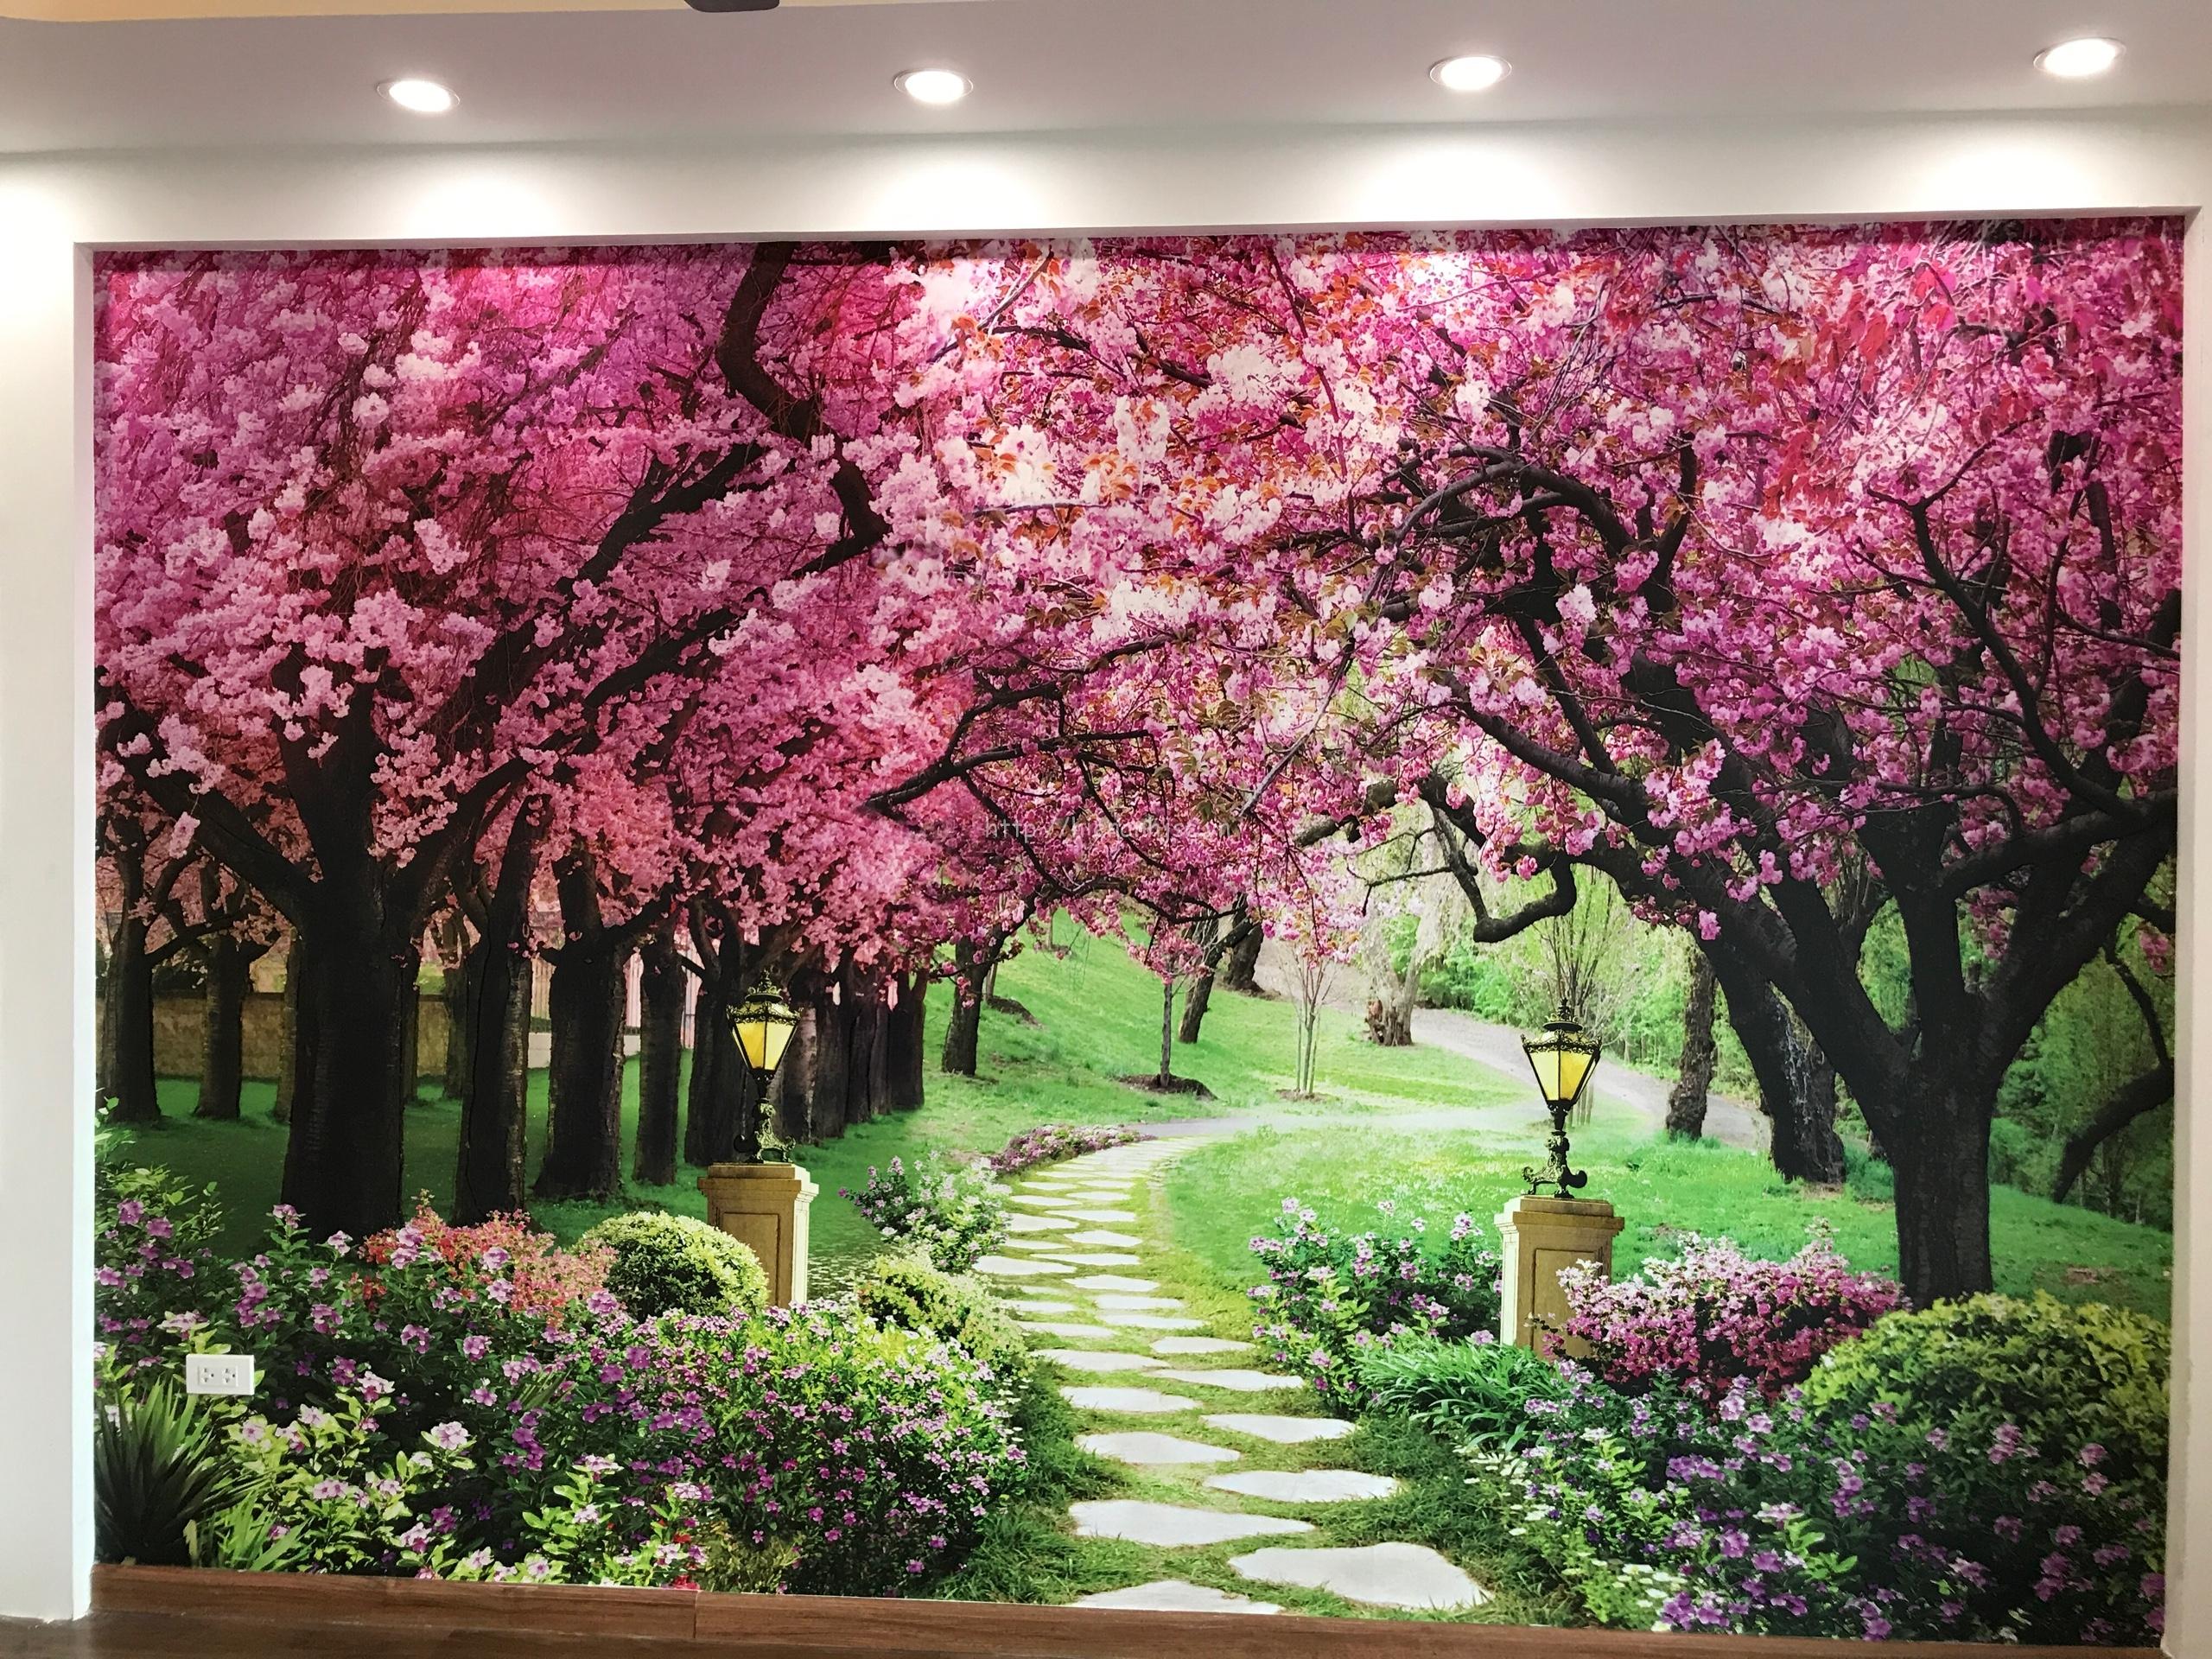 Tranh dán tường hoa anh đào của chú Thắng Hà Nội